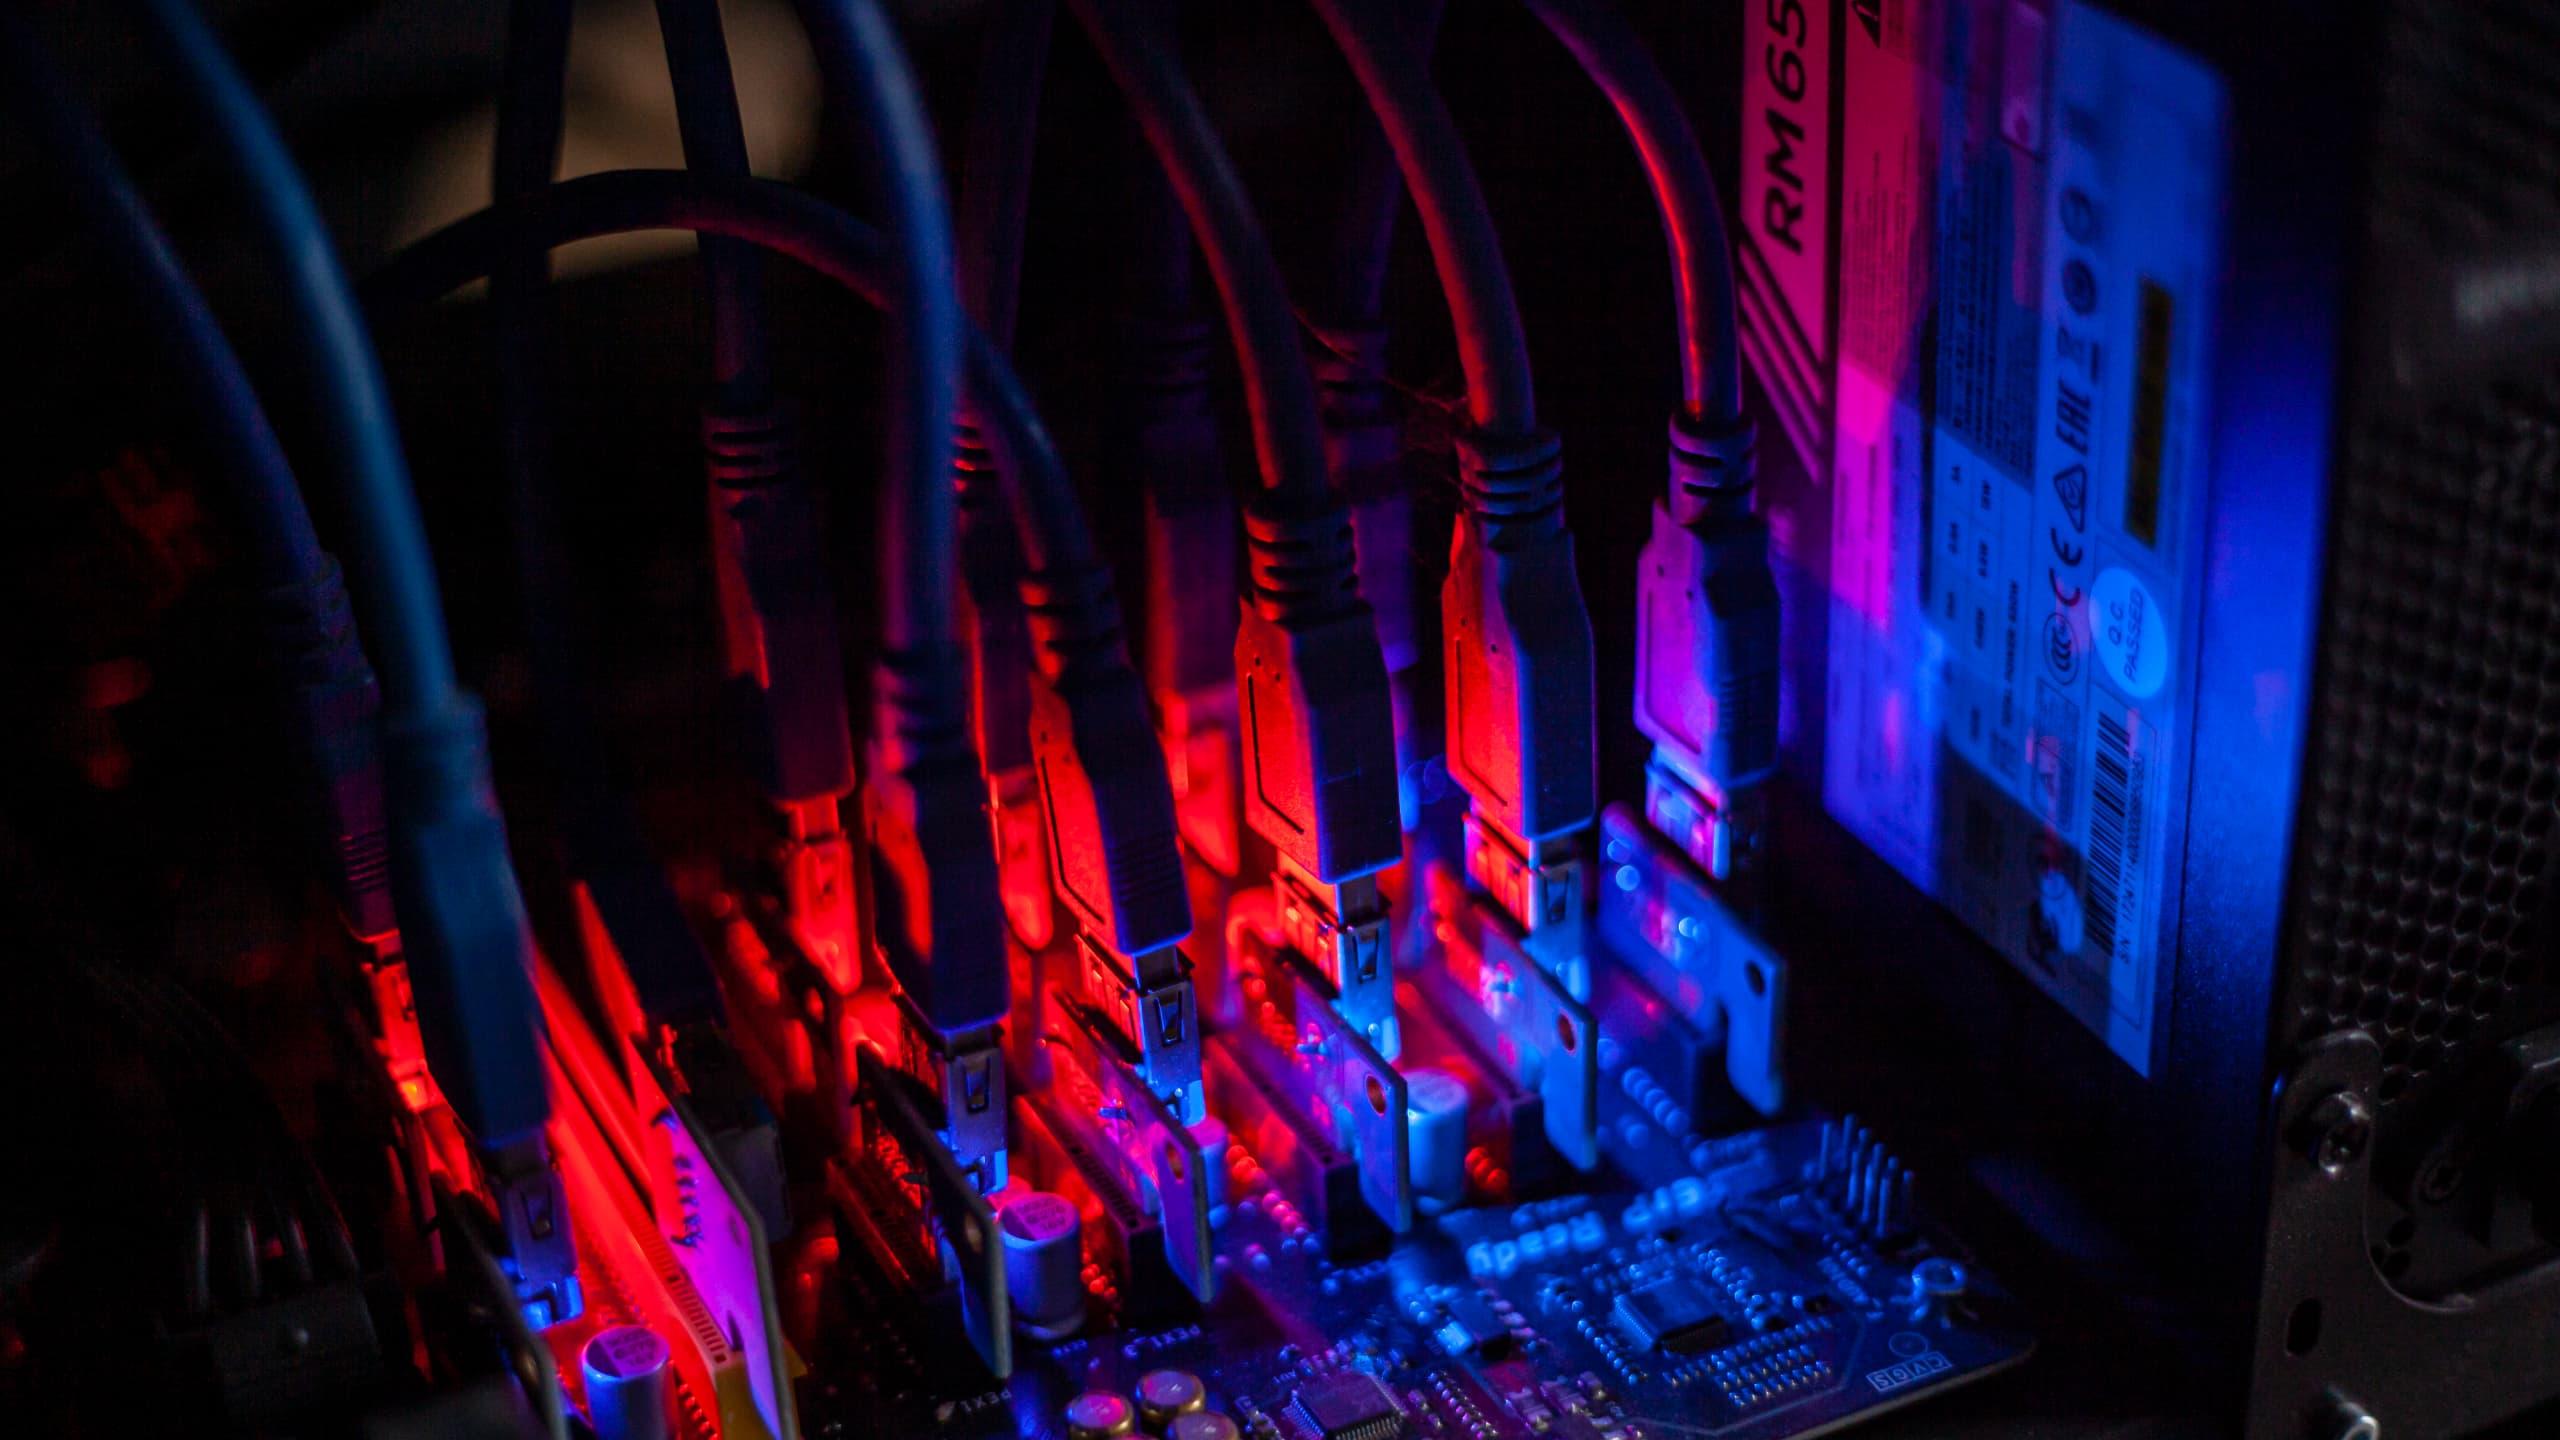 Sygnalizacja niebieskimi i czerwonymi diodami o stanie koparki kryptowalut